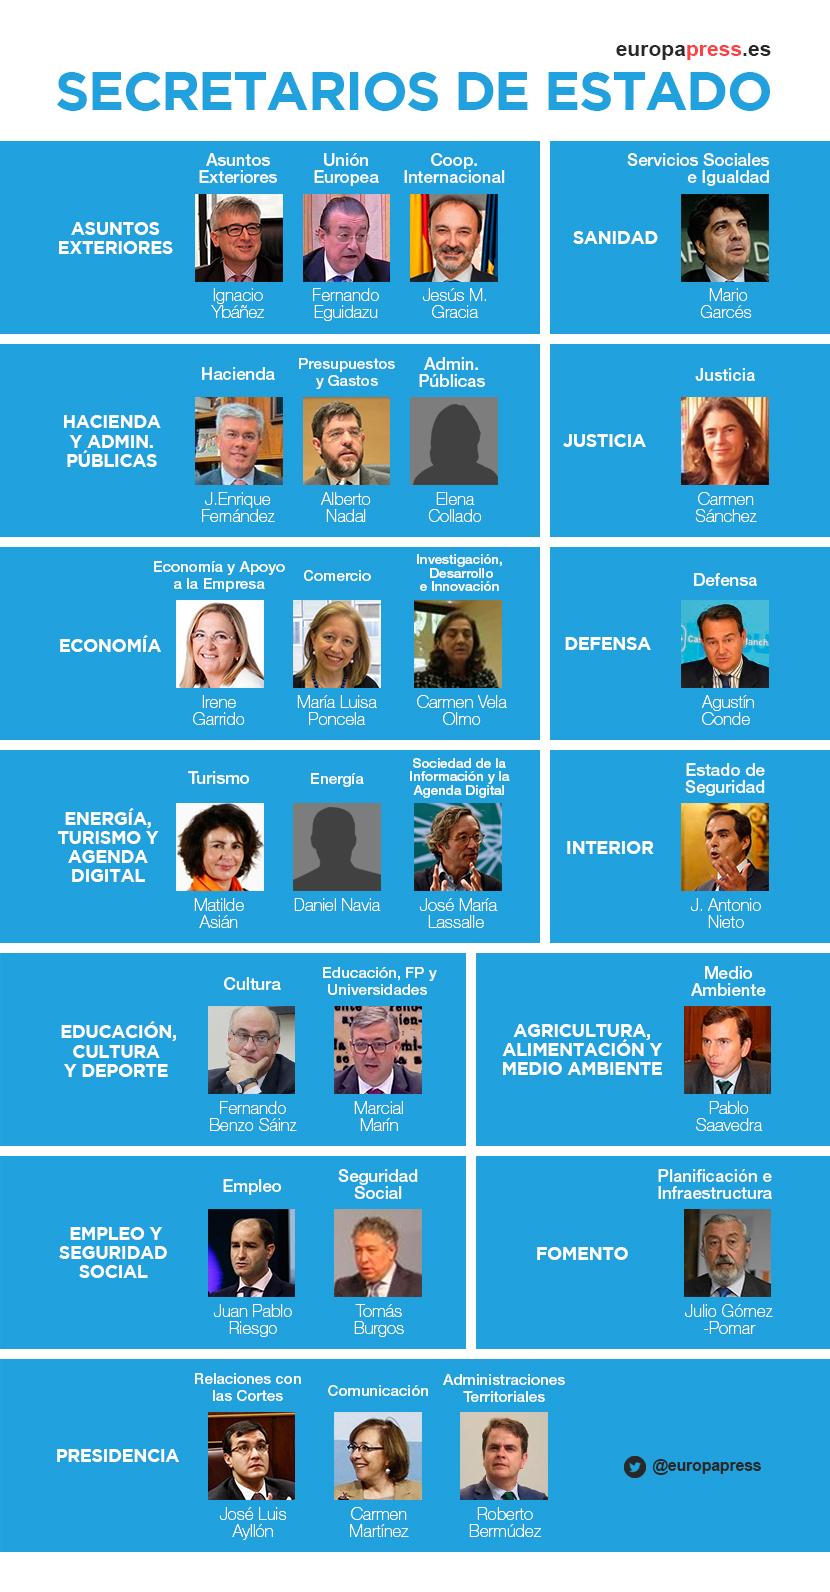 Nuevos Secretarios de Estado